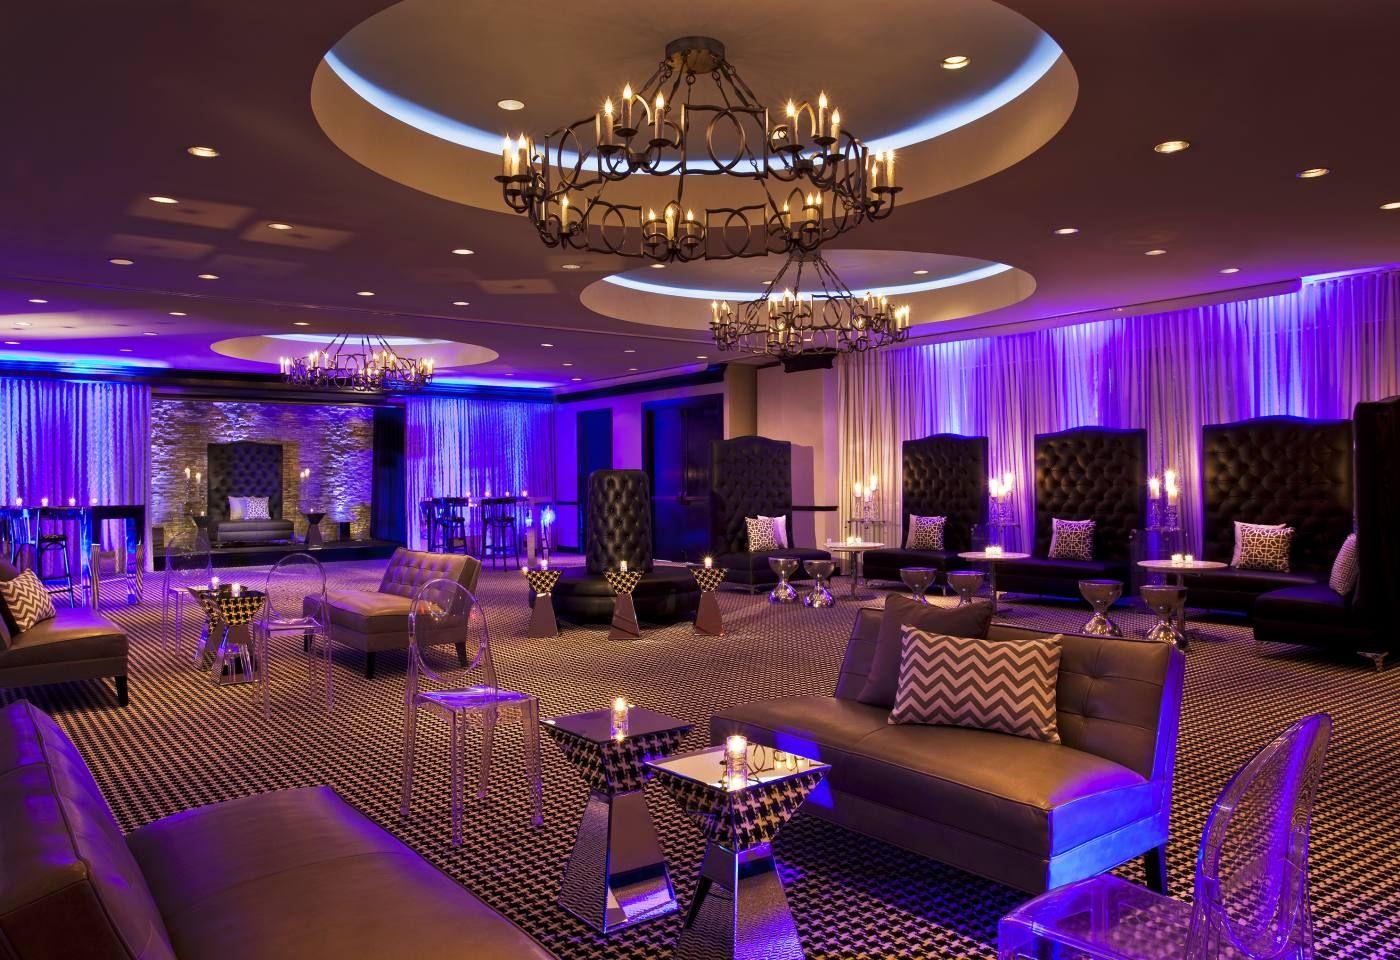 Hotel zaza uptown dallas tx private eventparty venues dallas hotel zaza uptown dallas tx junglespirit Gallery